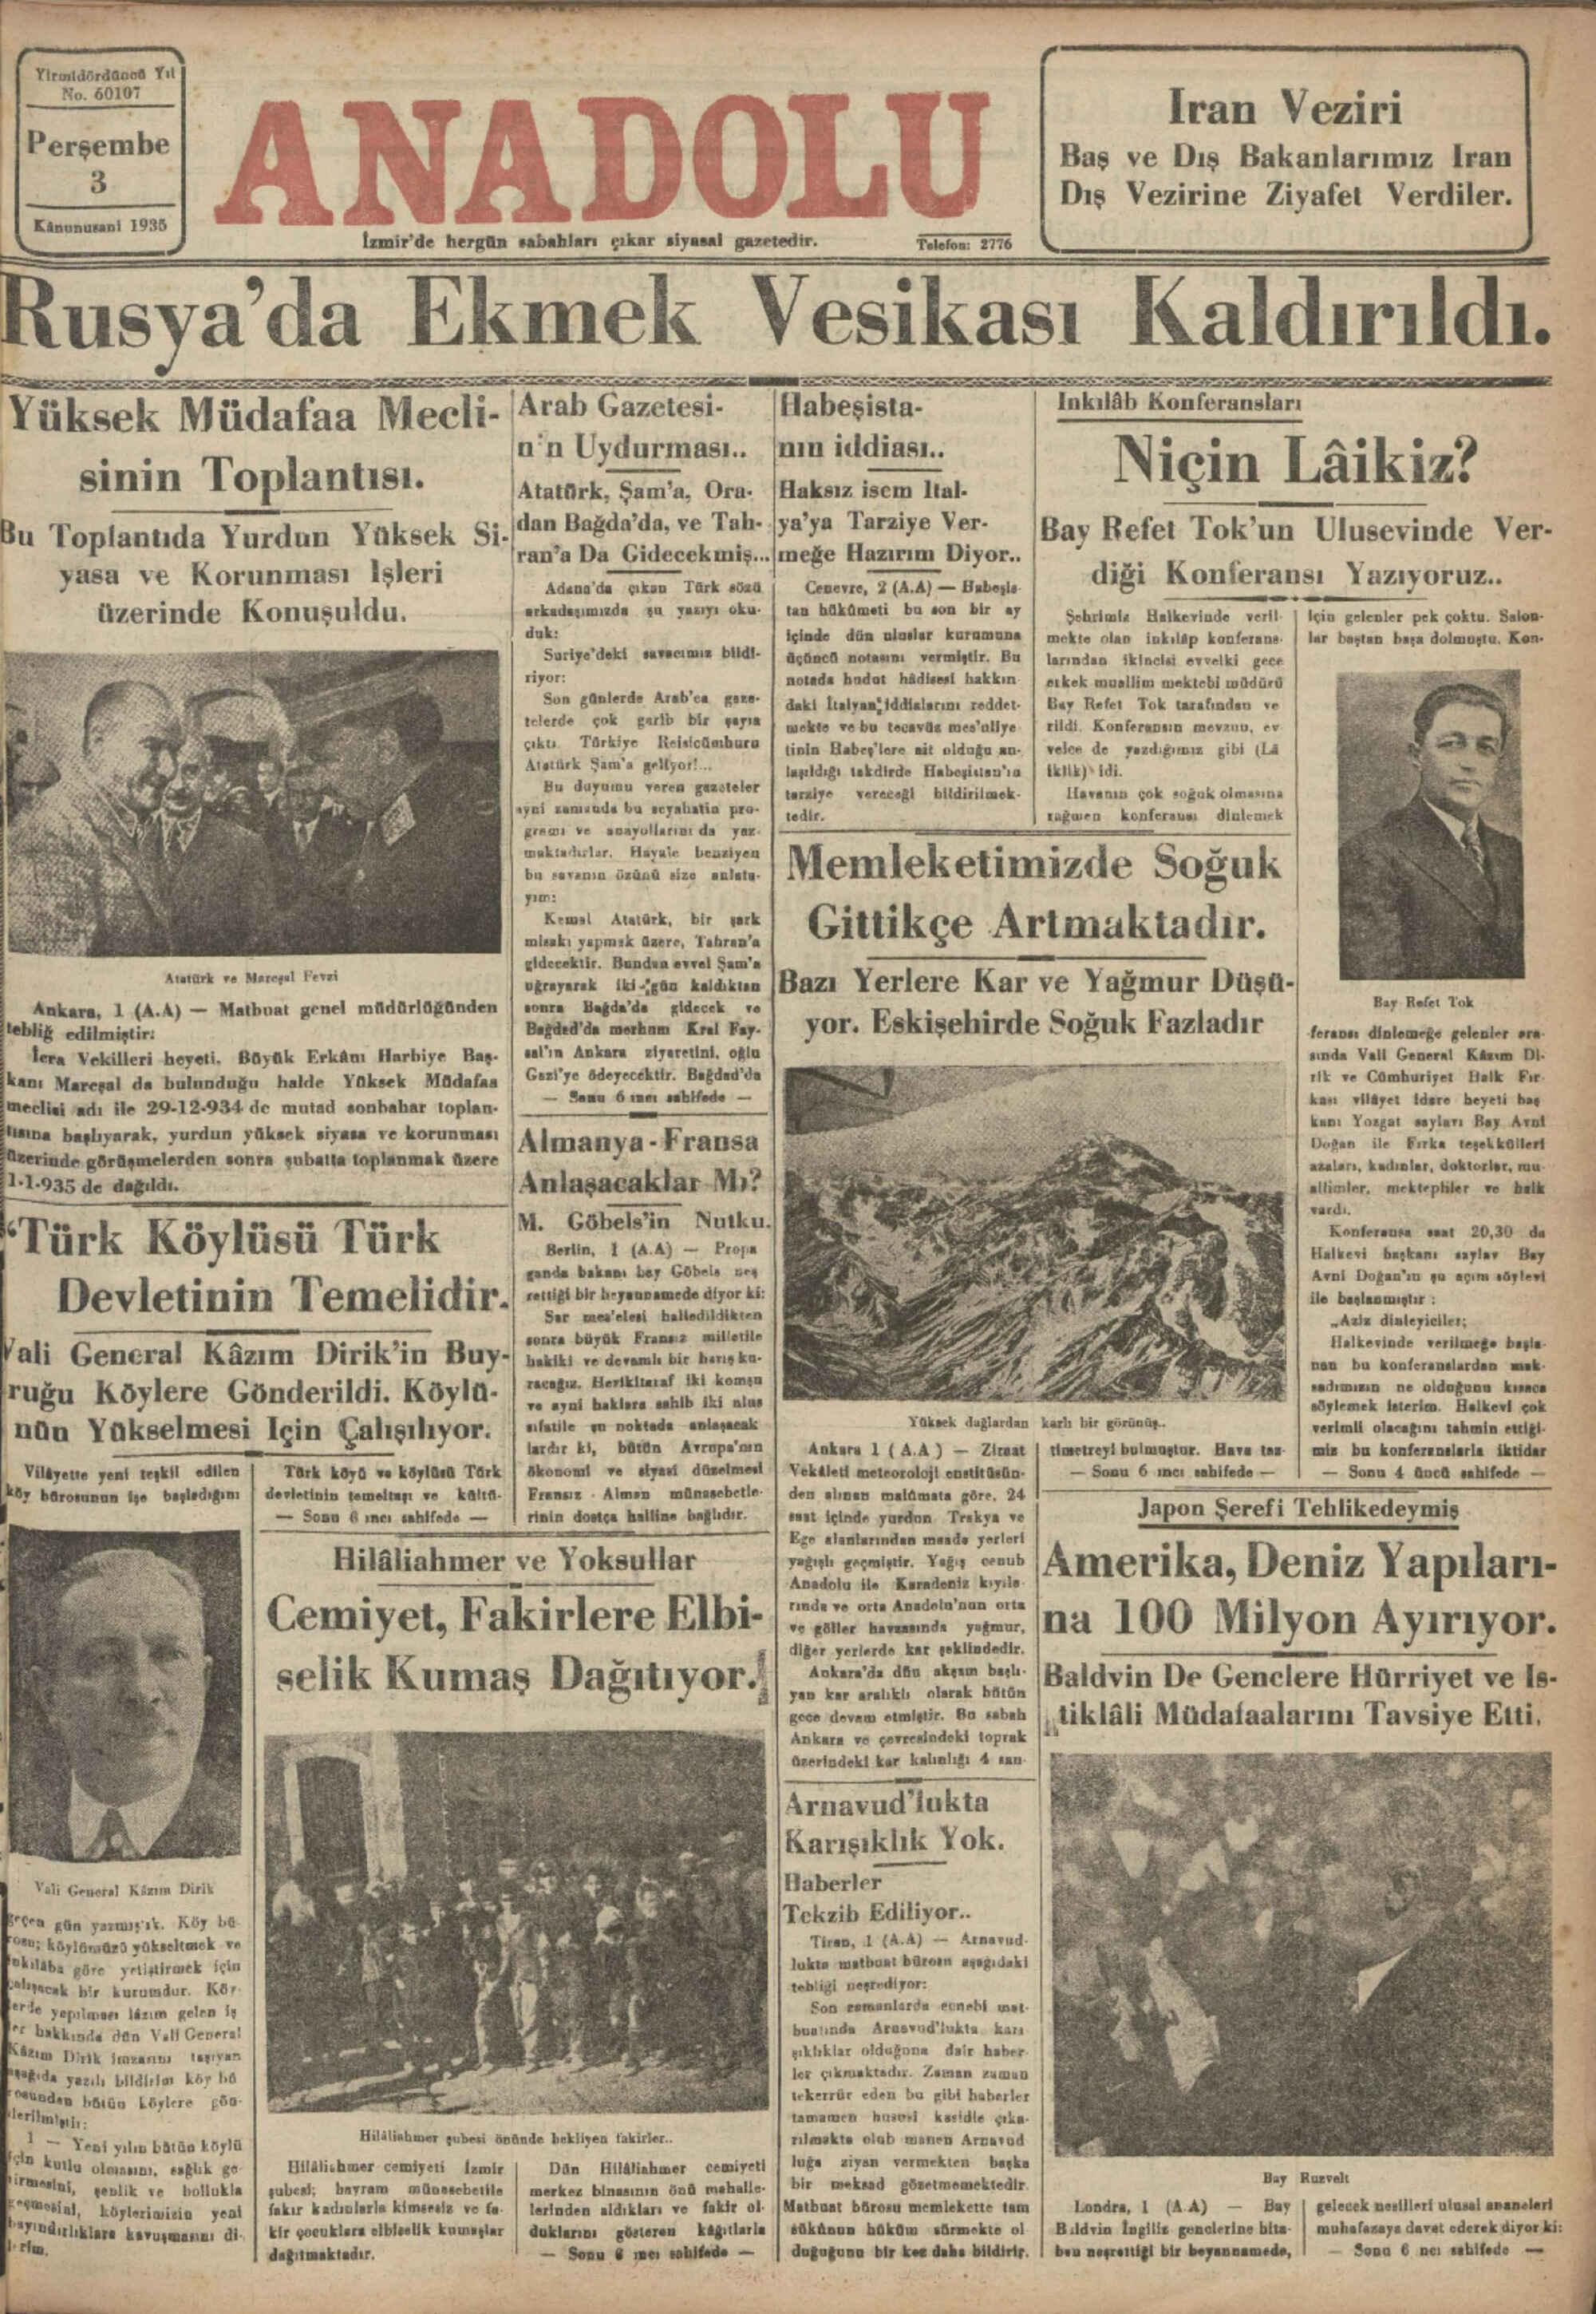 """İzmir'de hergün sabahları çıkar siyasal Y kqek ataa Mech_ıArab Ga7etesı Habeşısga. lnkılâb Konferansları L sinin Toplantısı. (f Fillrkiere Vati IAUH Nlçln Lâikiz? İAtamrk Şam'a, Ora.  Haksız isem İtal- u Toplantıda Yurdun Yüksek Si. ?d"""""""",B""""Ğd""""""""_i""""' ve Tah- İya'ya Tarziye Ver- Bay Refet Tok'un Ulusevinde Ver- an'a Da Gidecekmiş...İmeğe Hazırım Diyor..     n : B """"e Korunması İşleri Adana'da """"çıkan Türk sösü   — Cenevre, 3 (A.4) — Baboyle- diği Konferaıîsı Yazıyoruz..   üzerinde Konuşuldu. ' arkadaşımızda — şu yazıyı oku:   tan hükümeti bu son bir ay   — ç Ko Li, Halkevinde veril:   İçin gelenler pek çoktu. Salon- duük: AM   Süriye'deki savacımız bildi. içinde dün ulaslar kuramuna   mekte olan inkılâp koanferana: Üüçüncü notasını vermiştir. Bu   larından ikincisi evvelki gece lar baştan başa dolmuşta, Kon: ———"""